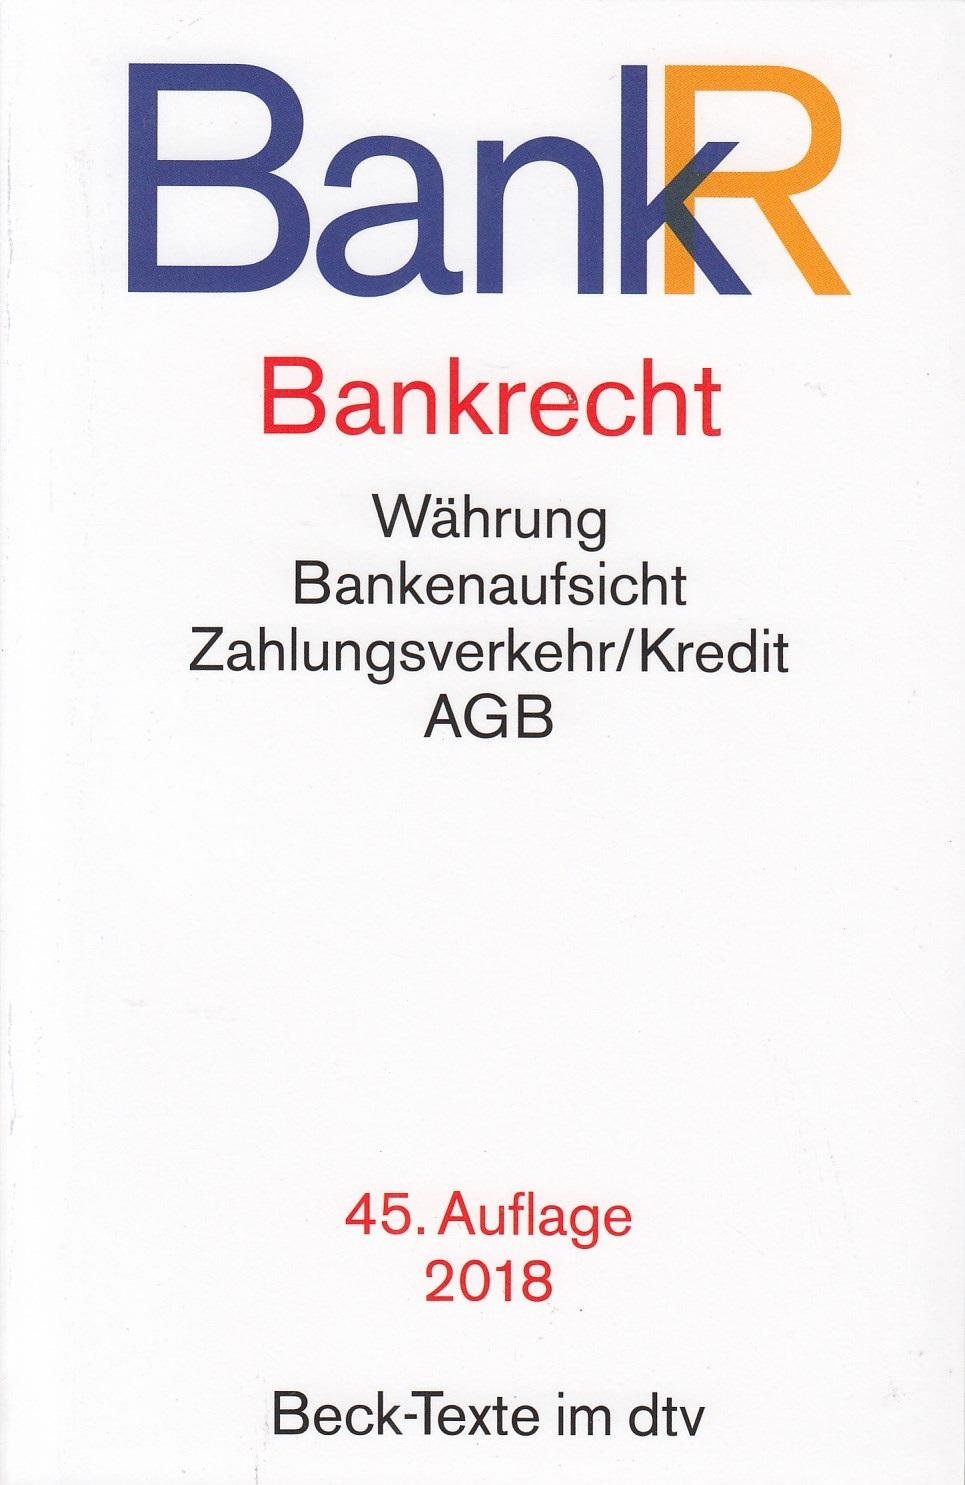 BankR - Bankrecht: Währung, Bankenaufsicht, Zahlungsverkehr/Kredit, AGB [Taschenbuch, 45. Auflage 2018]